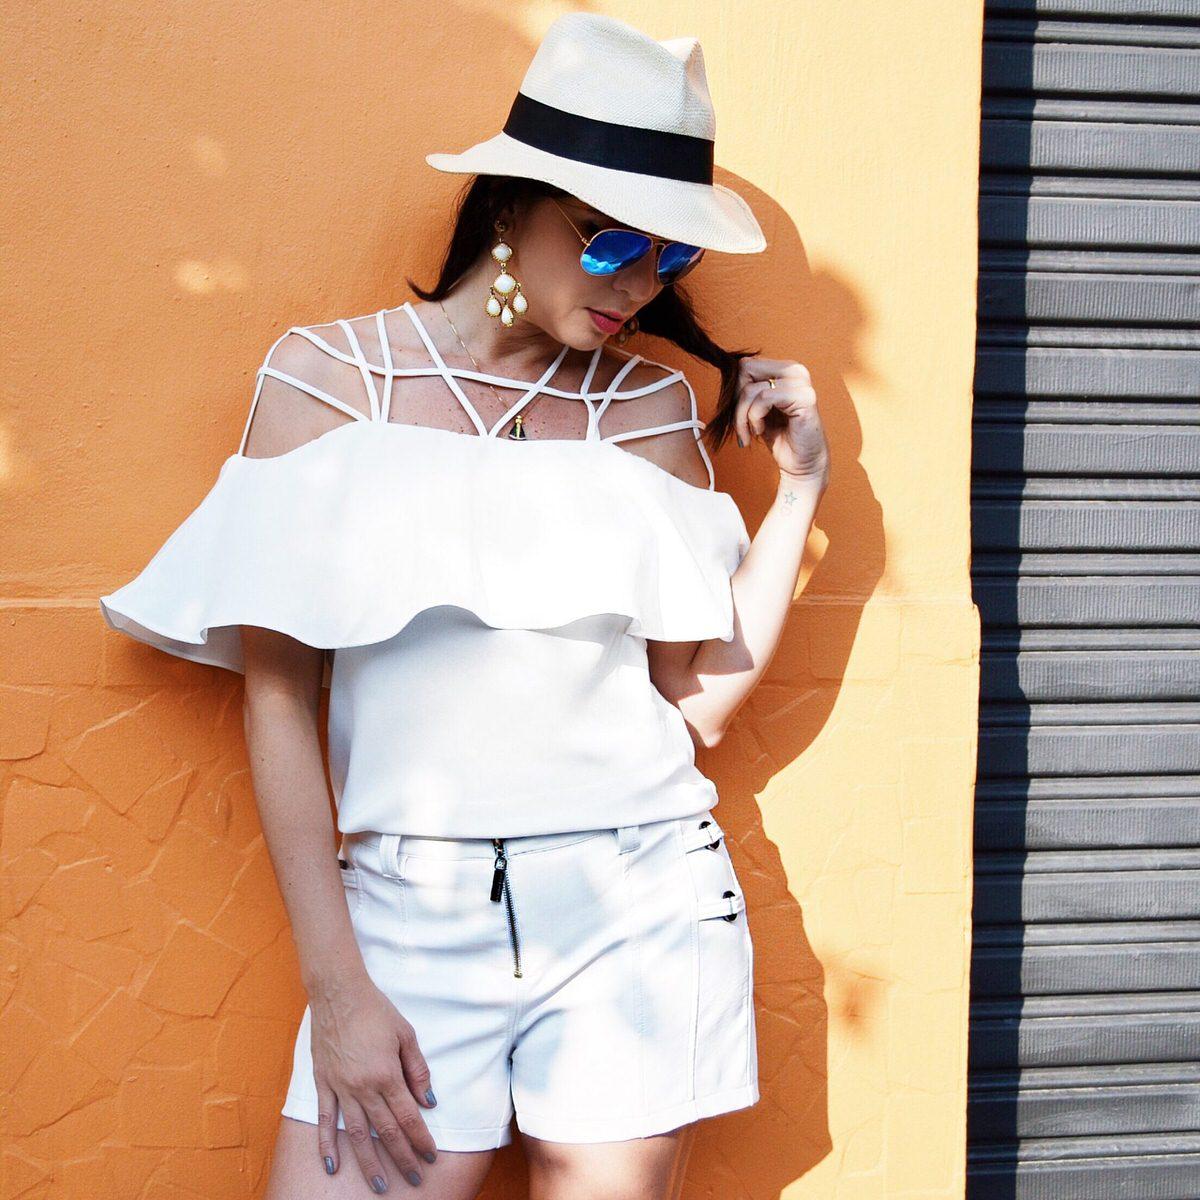 Morena Rosa Verão 2017, look por Alexandra Evangelista com blusa tendência verão 2016 ombro a ombro e shorts couro fake